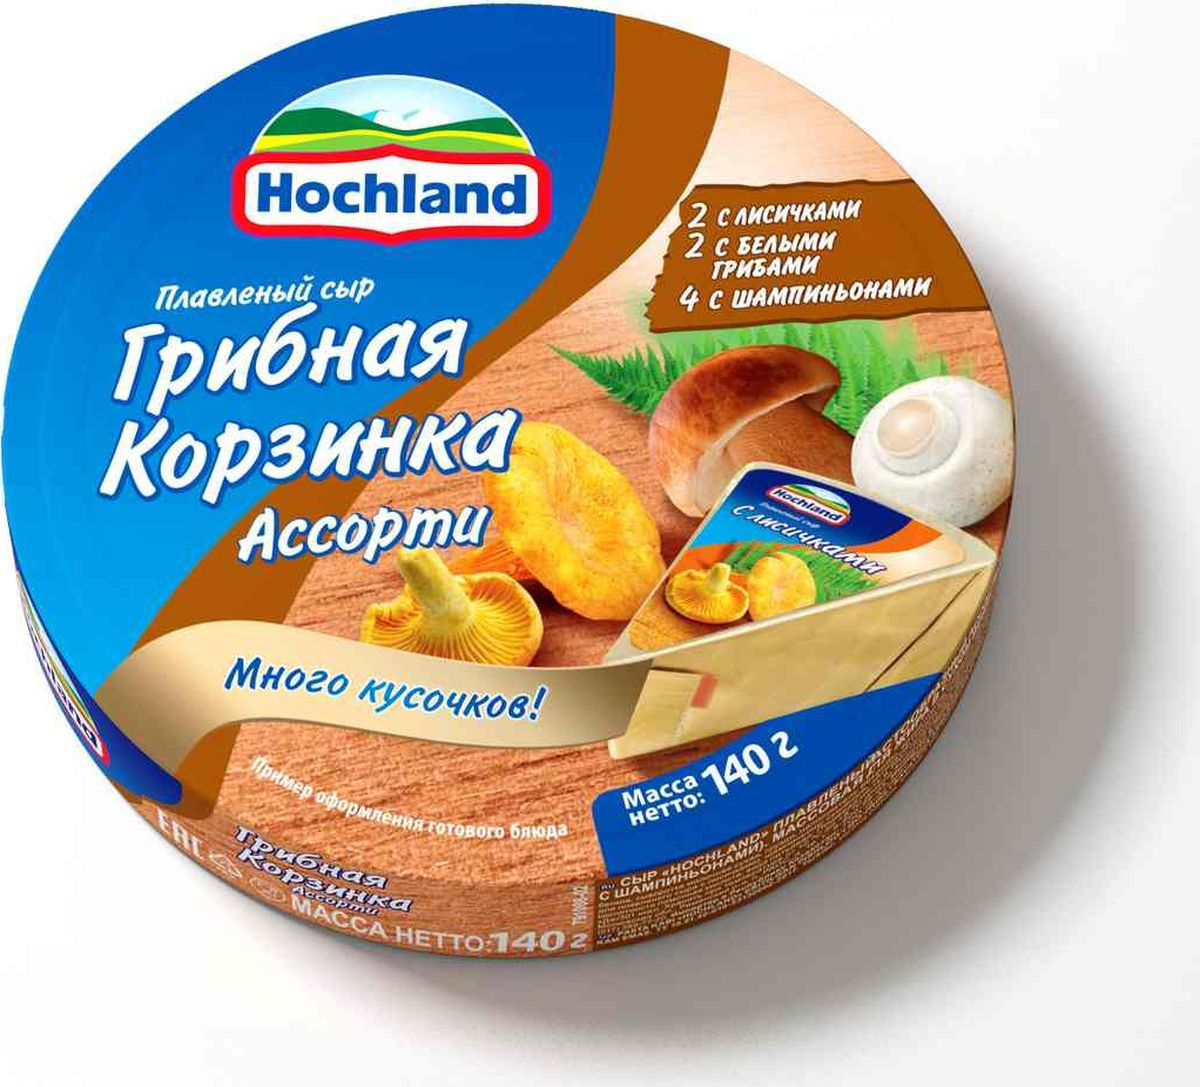 Плавленый сыр Hochland Грибная корзинка, 140 г